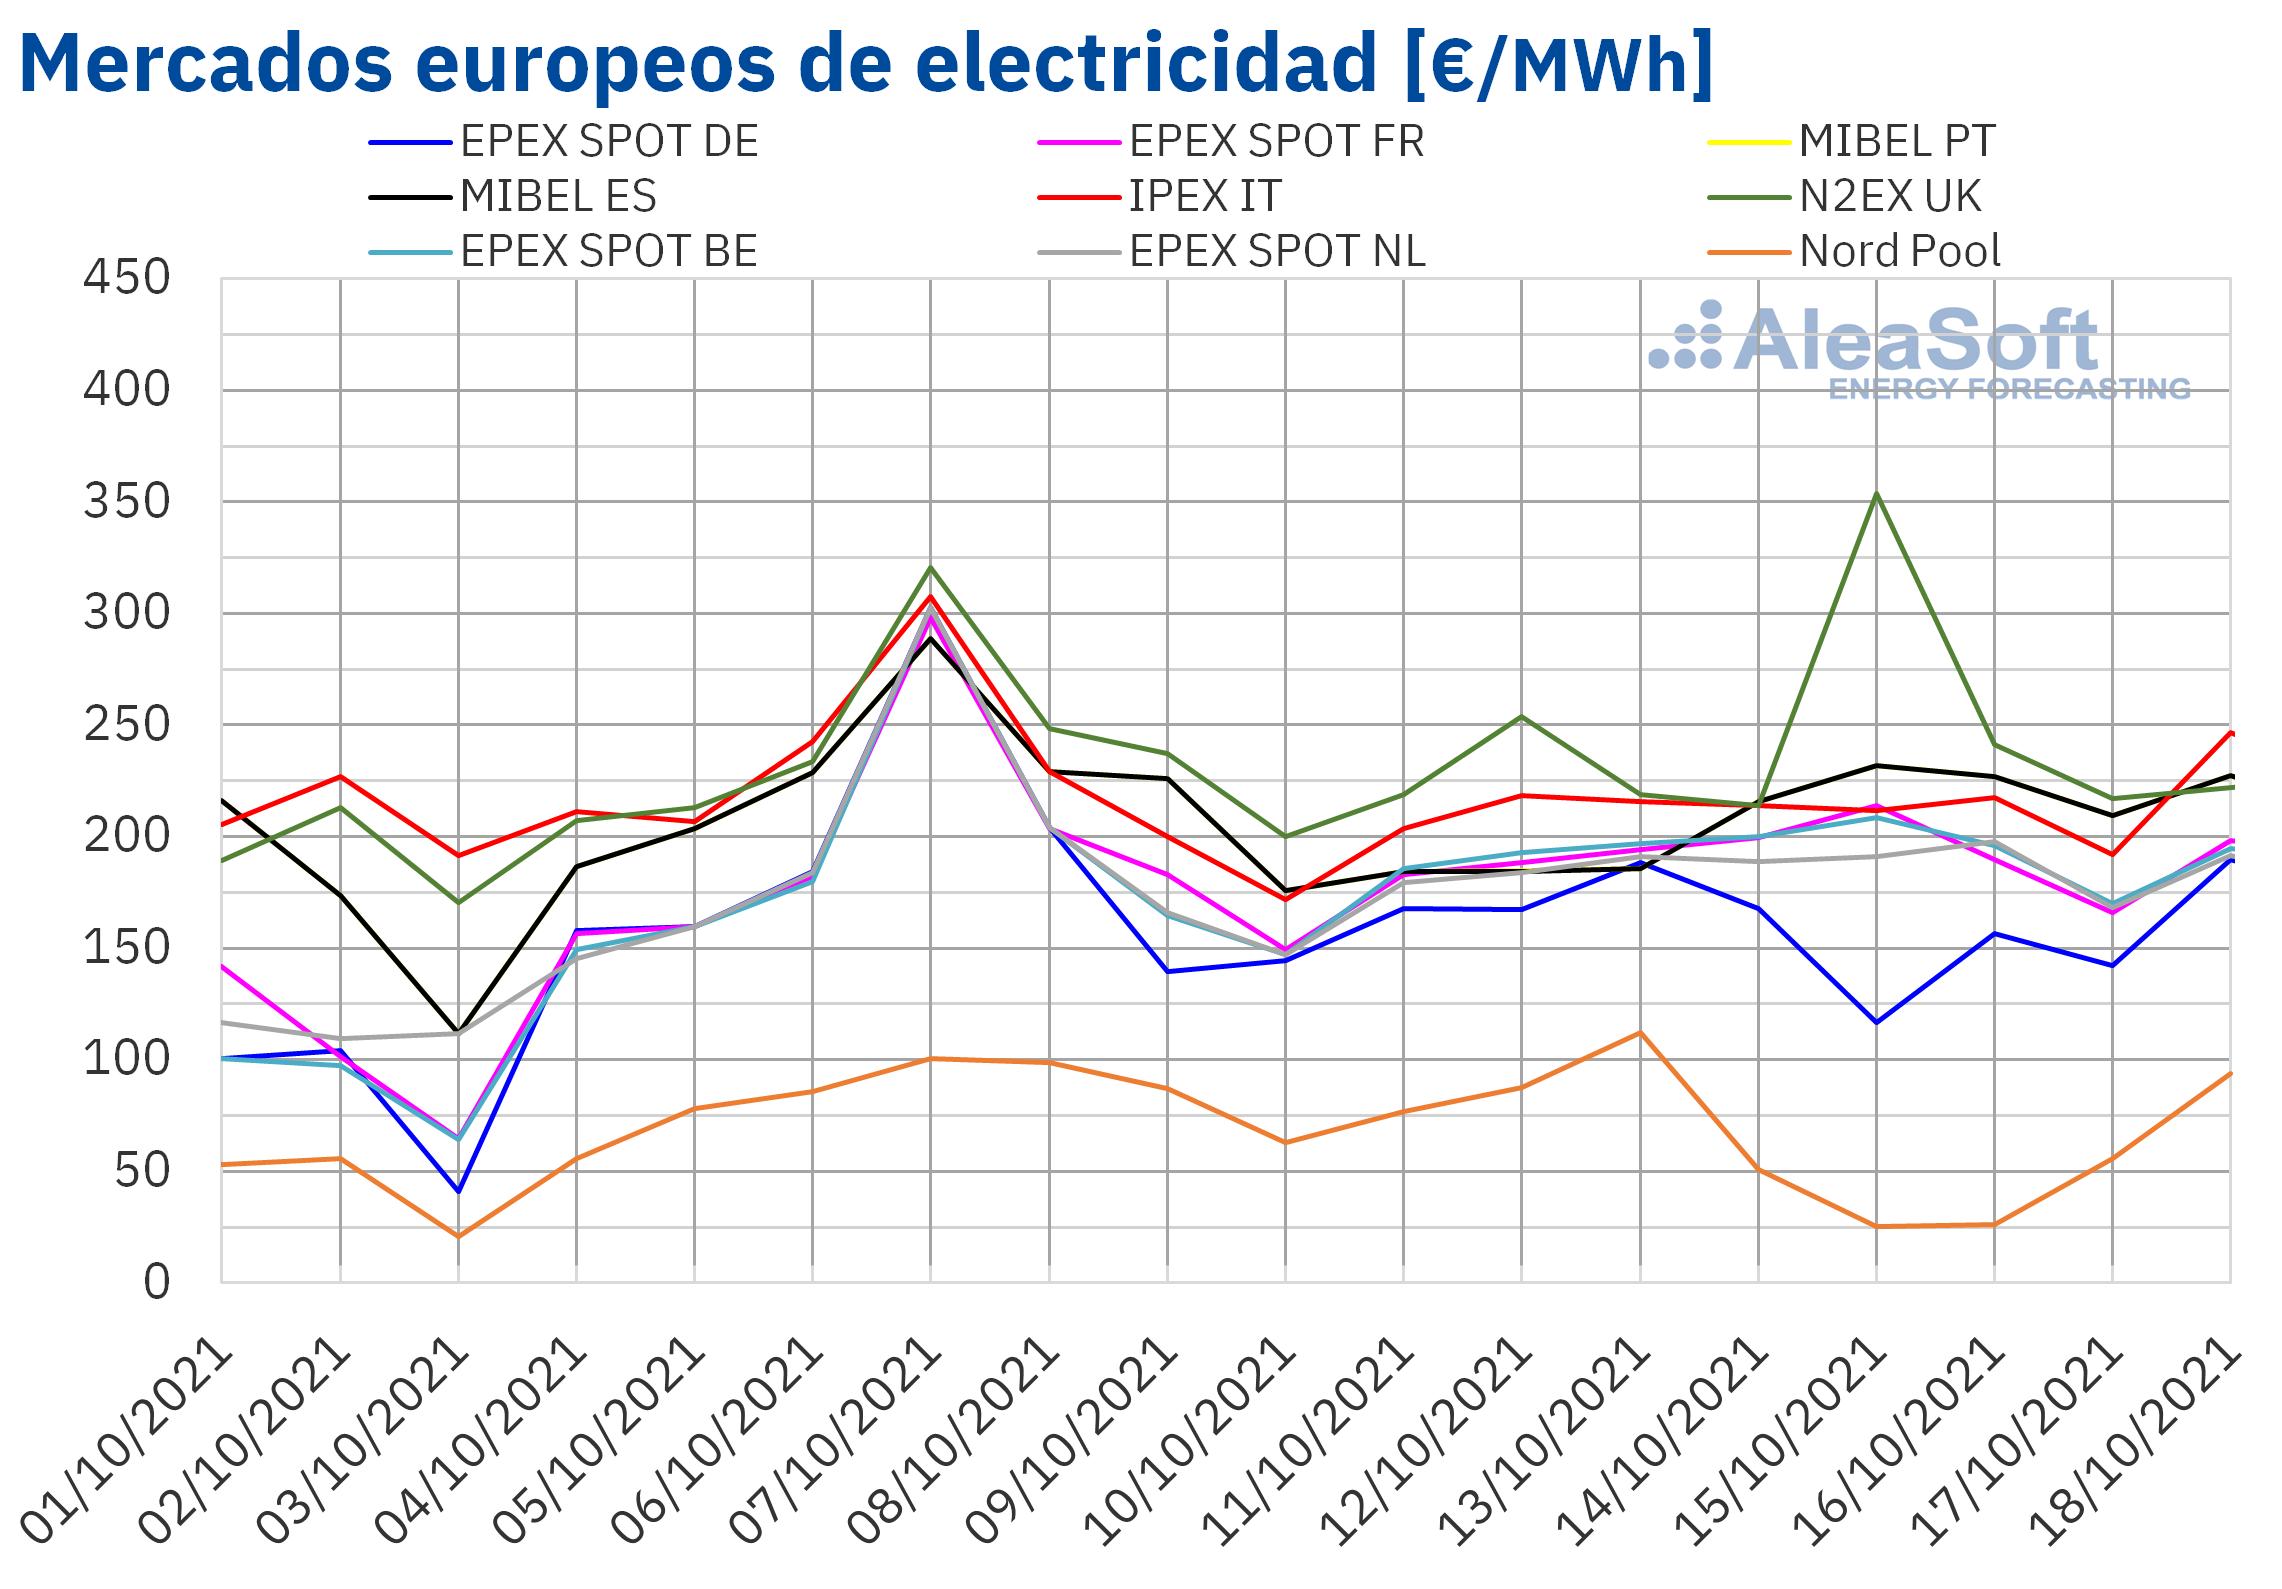 AleaSoft: Los precios de varios mercados europeos bajaron aunque los niveles siguen siendo altos